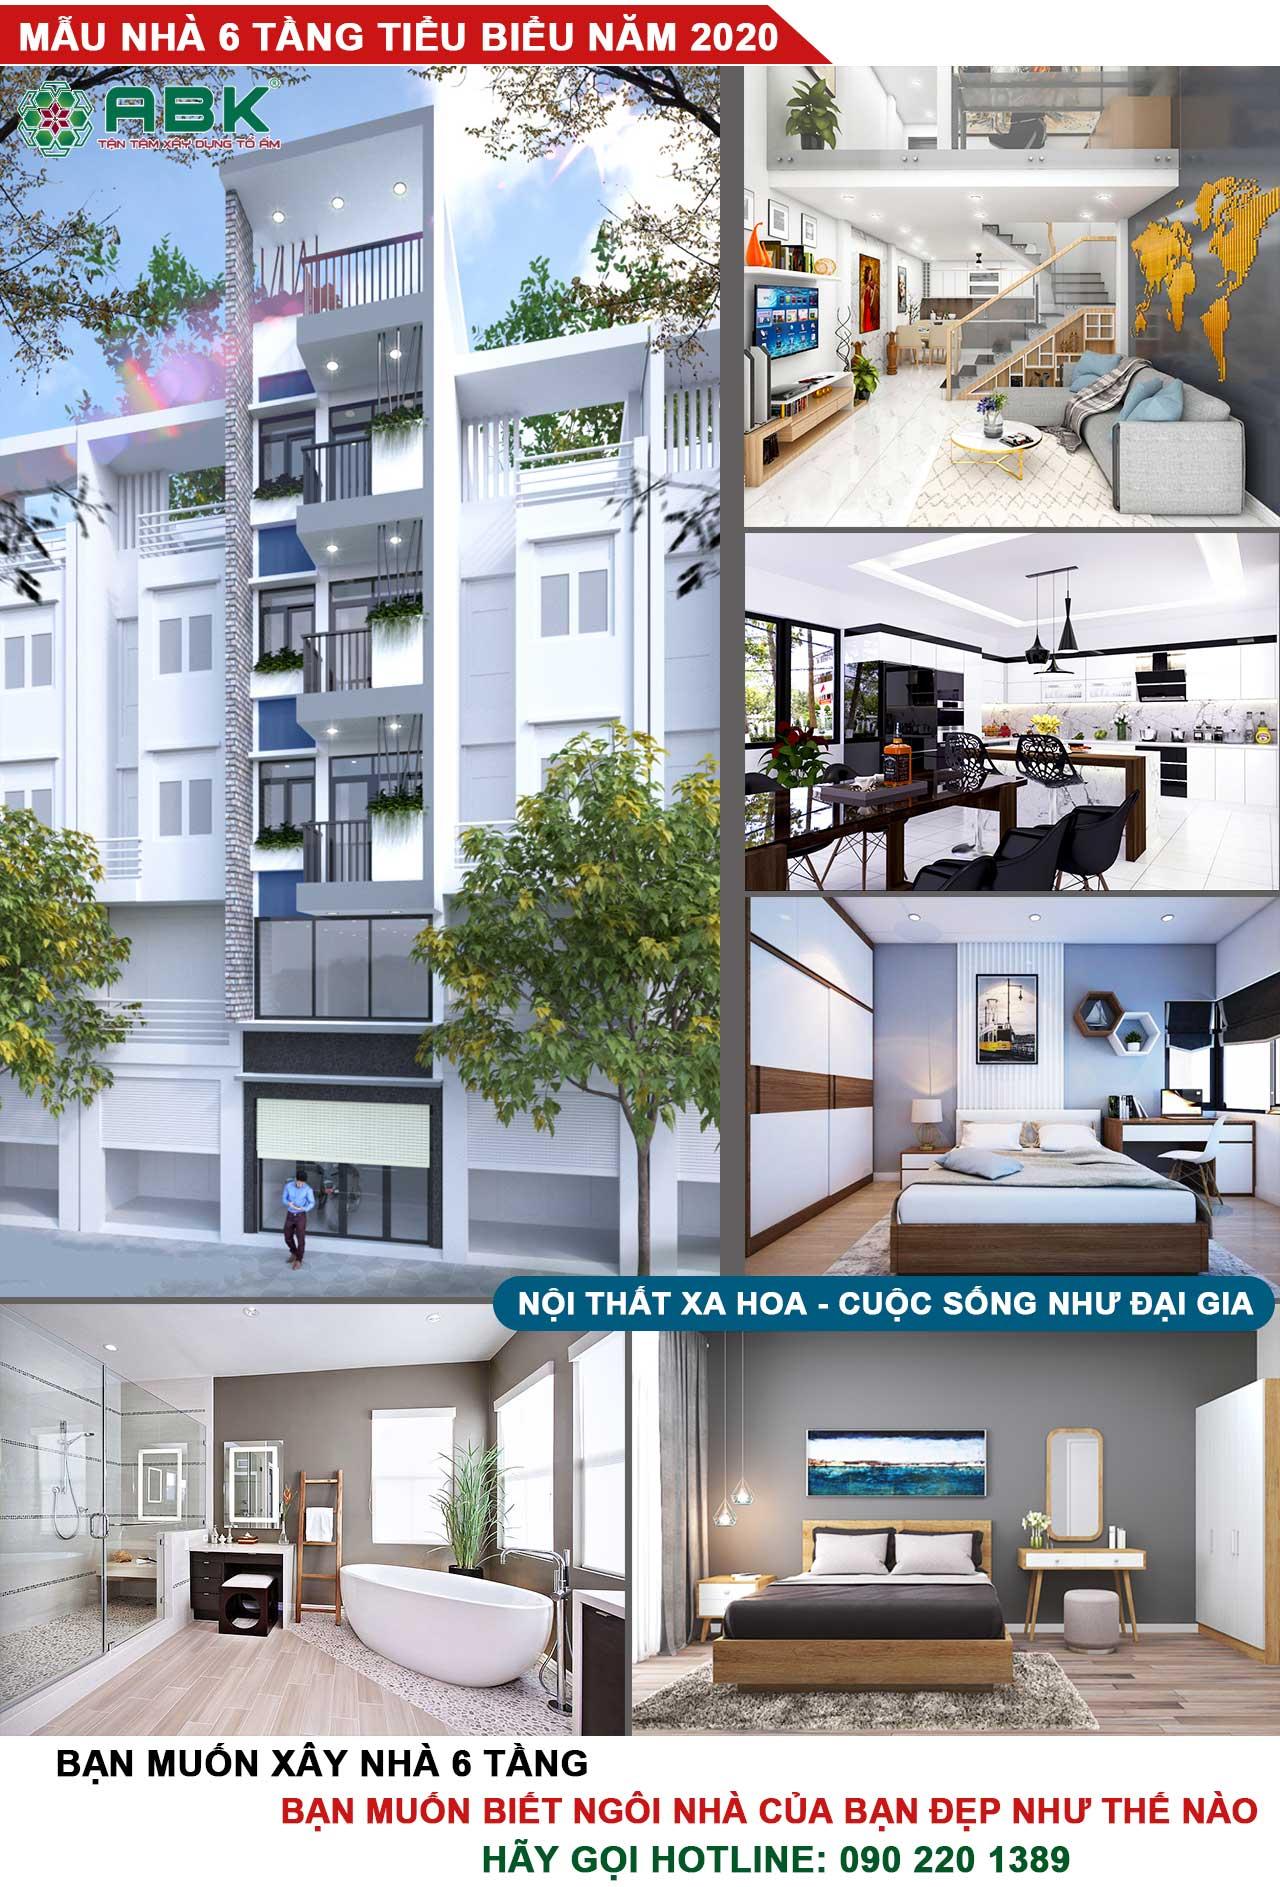 Giá xây dựng nhà 6 tầng 50m2